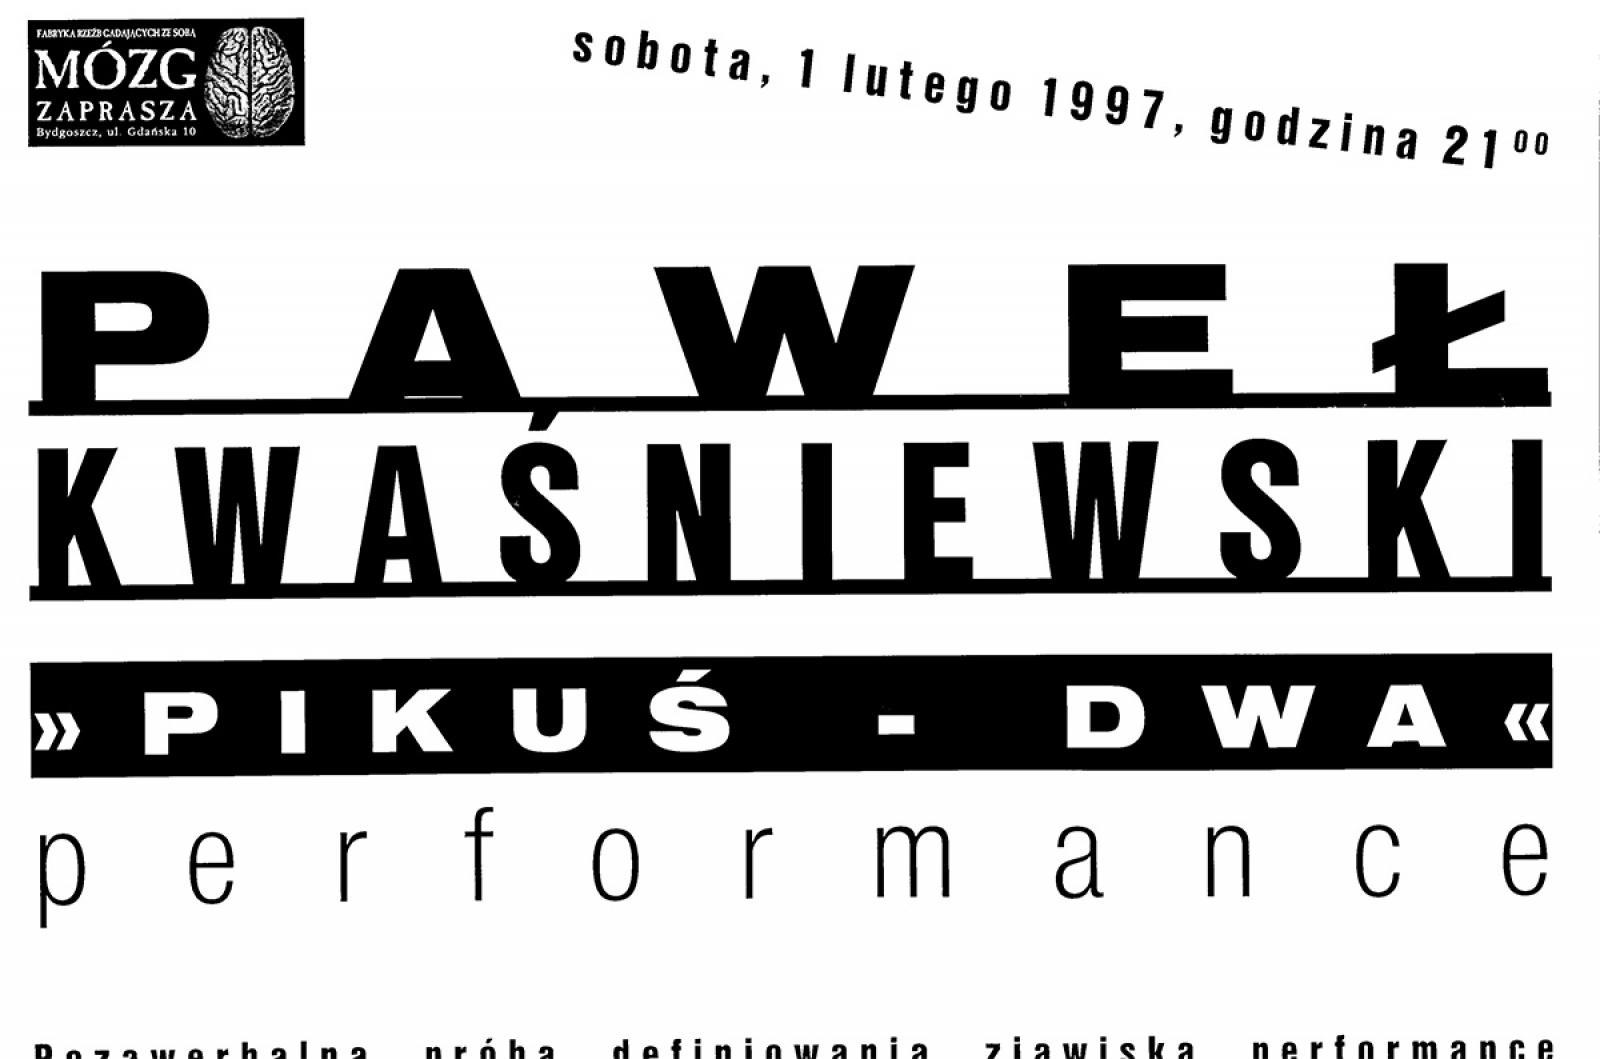 """Paweł Kwaśniewski - """"Pikuś dwa"""" - z cyklu: pozawerbalna próba definiowania zjawiska performance"""